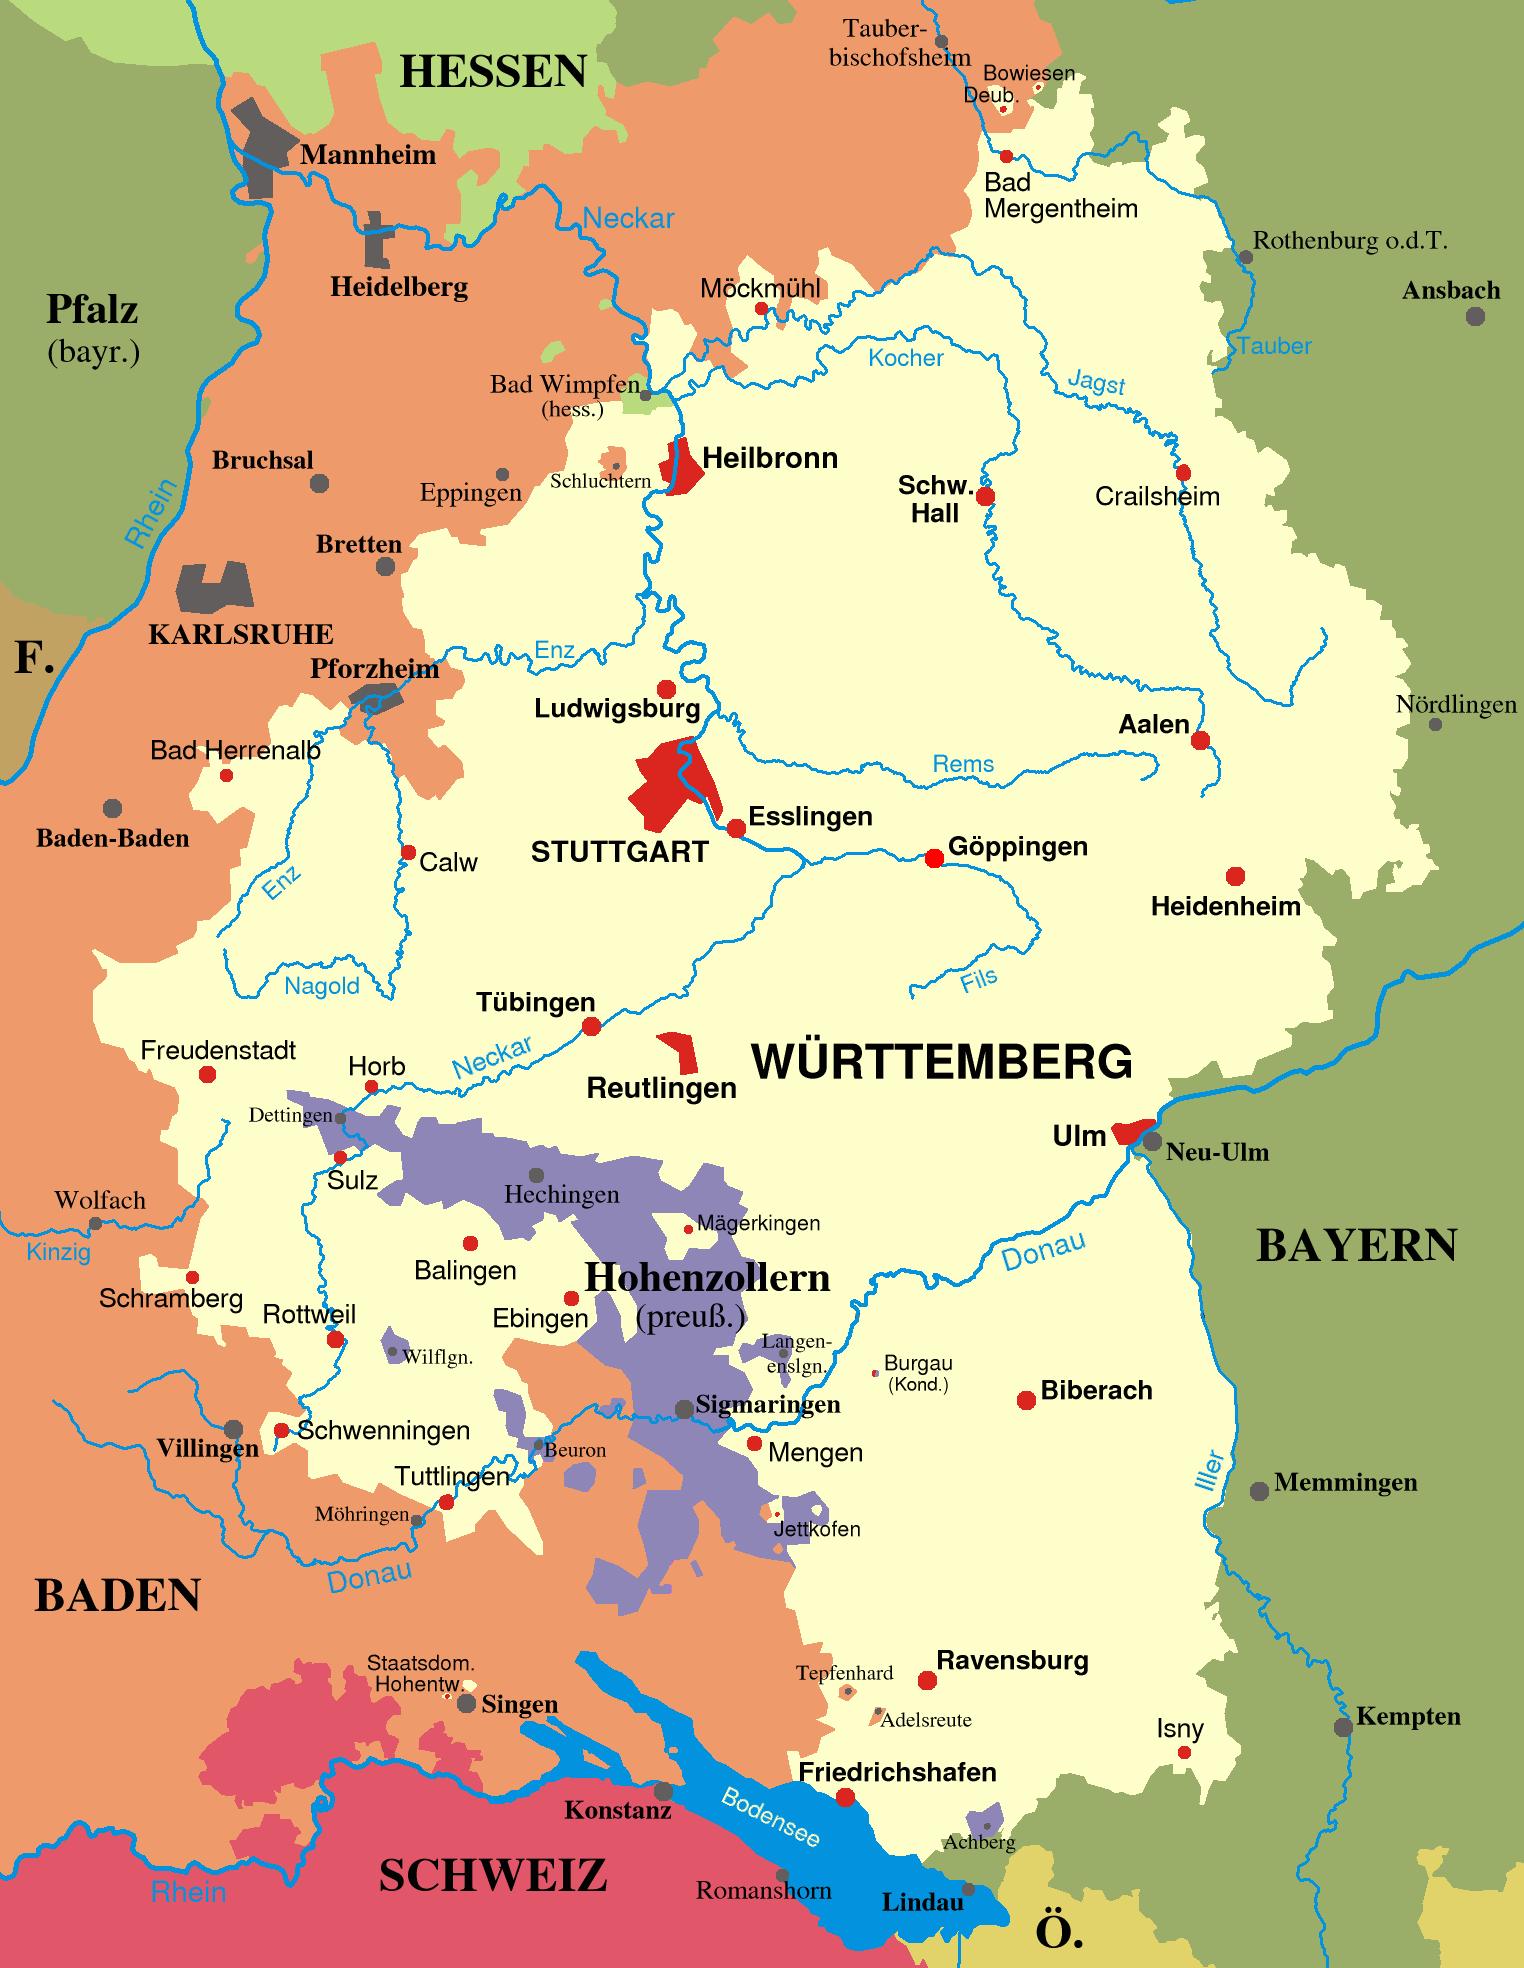 W rttemberg Wikiwand – Ulm Germany Map